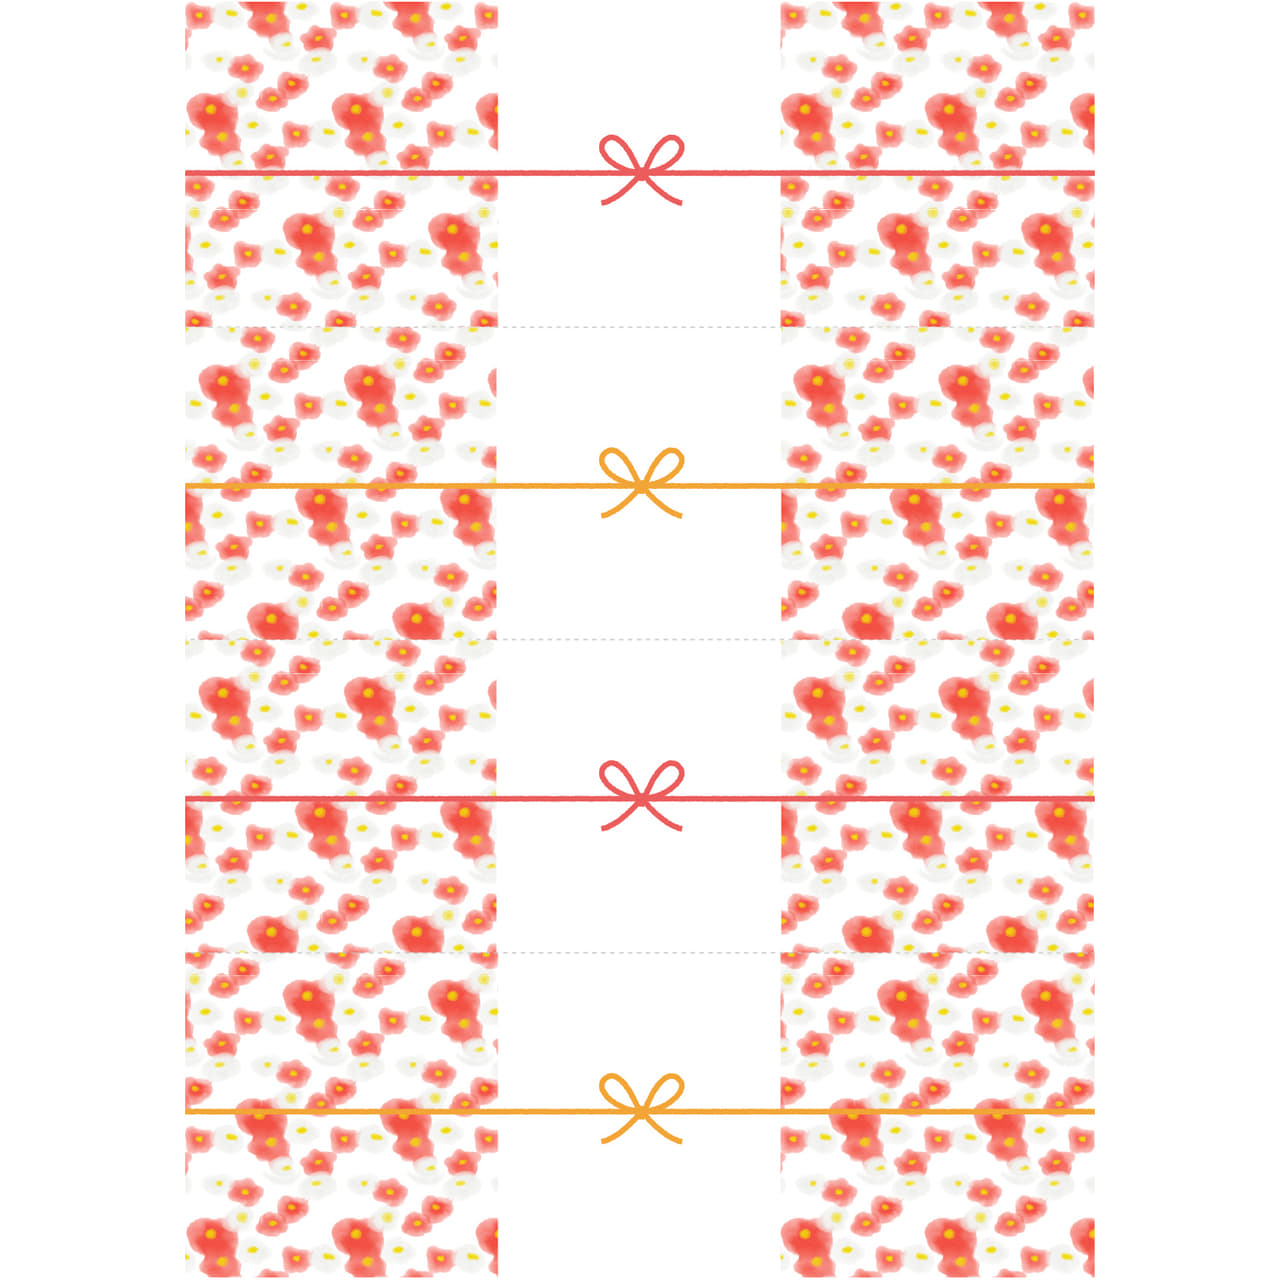 切って使えるかわいい椿柄ののし紙(4分割)